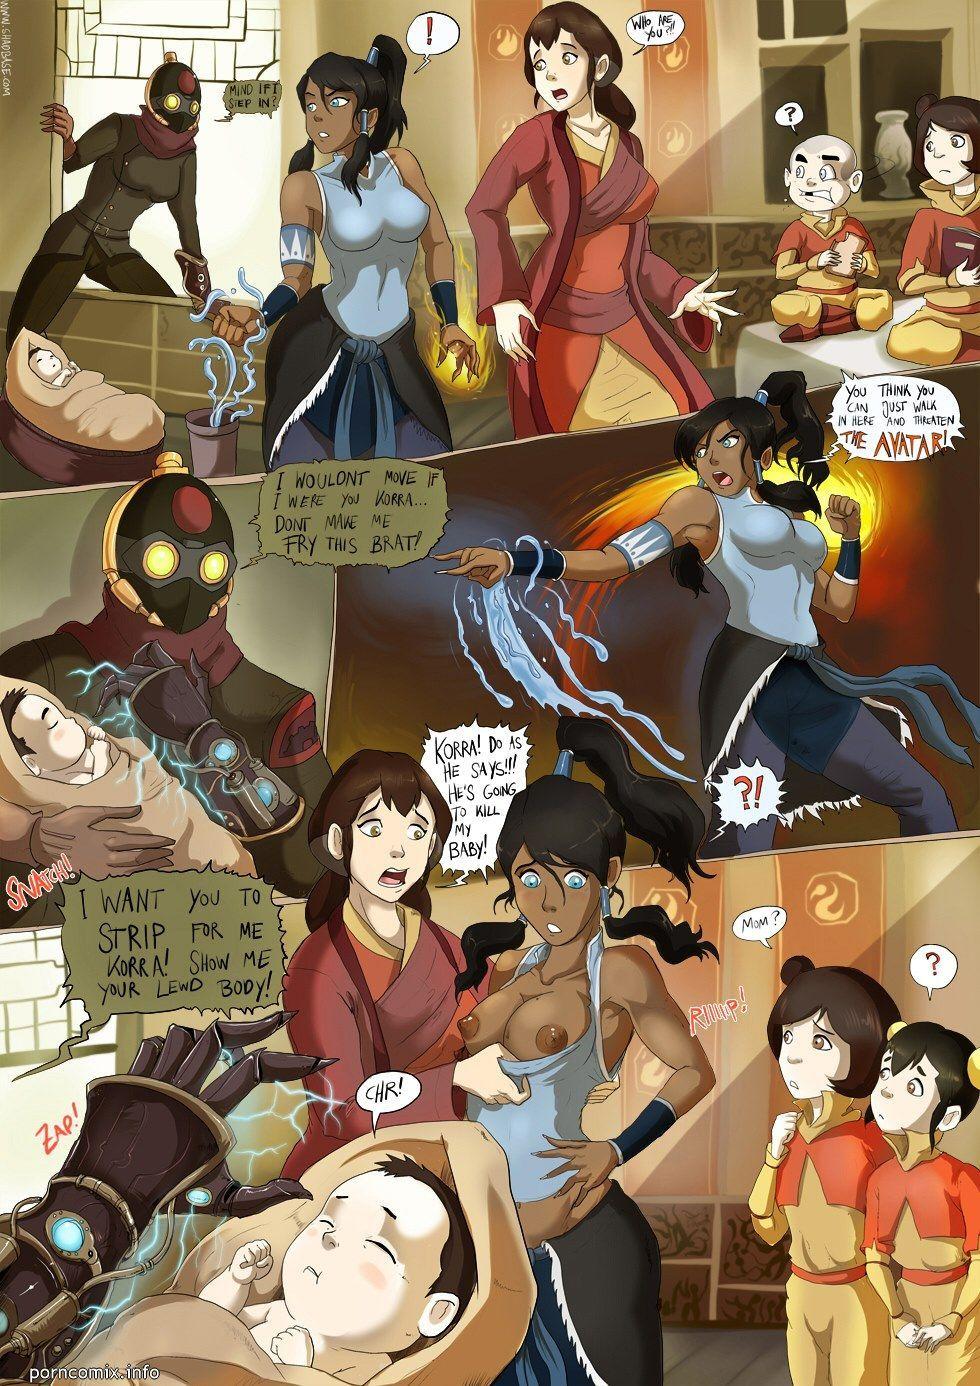 Korra Hentai Comics